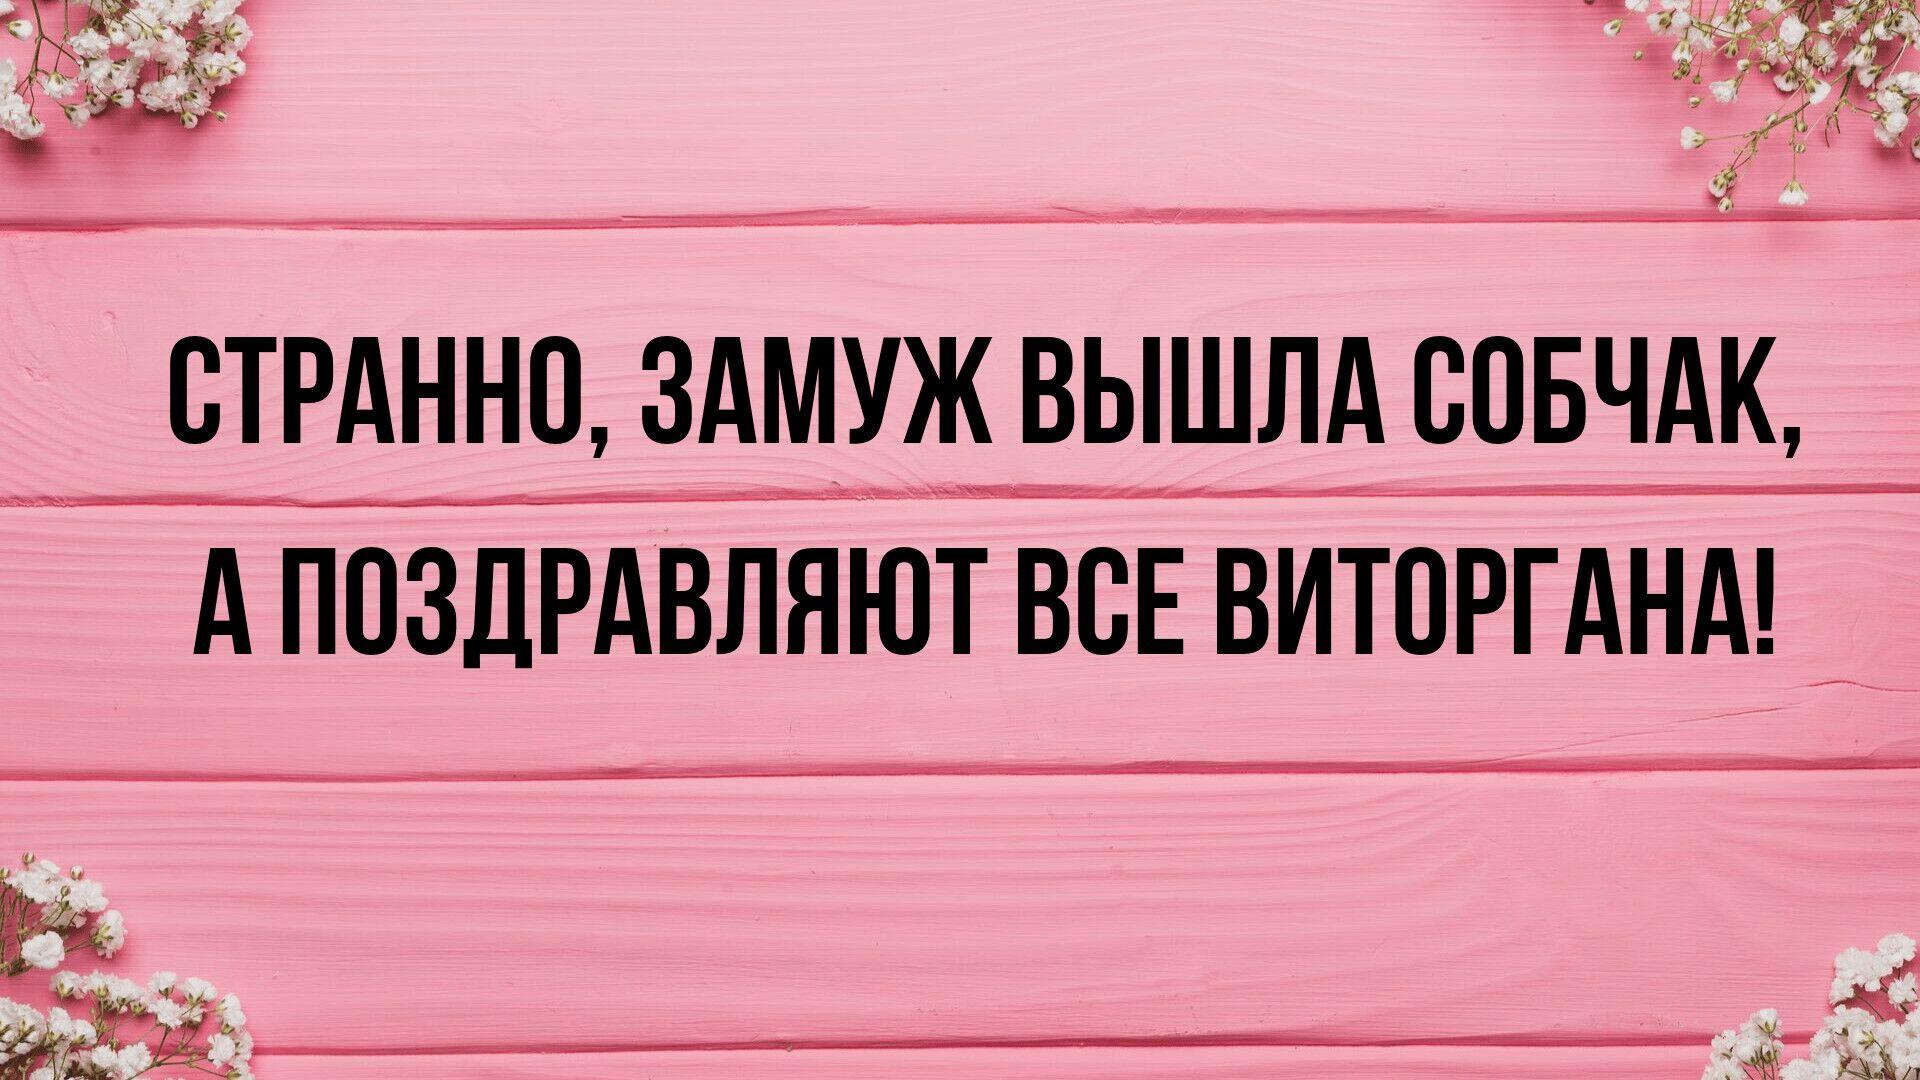 анекдот про Собчак